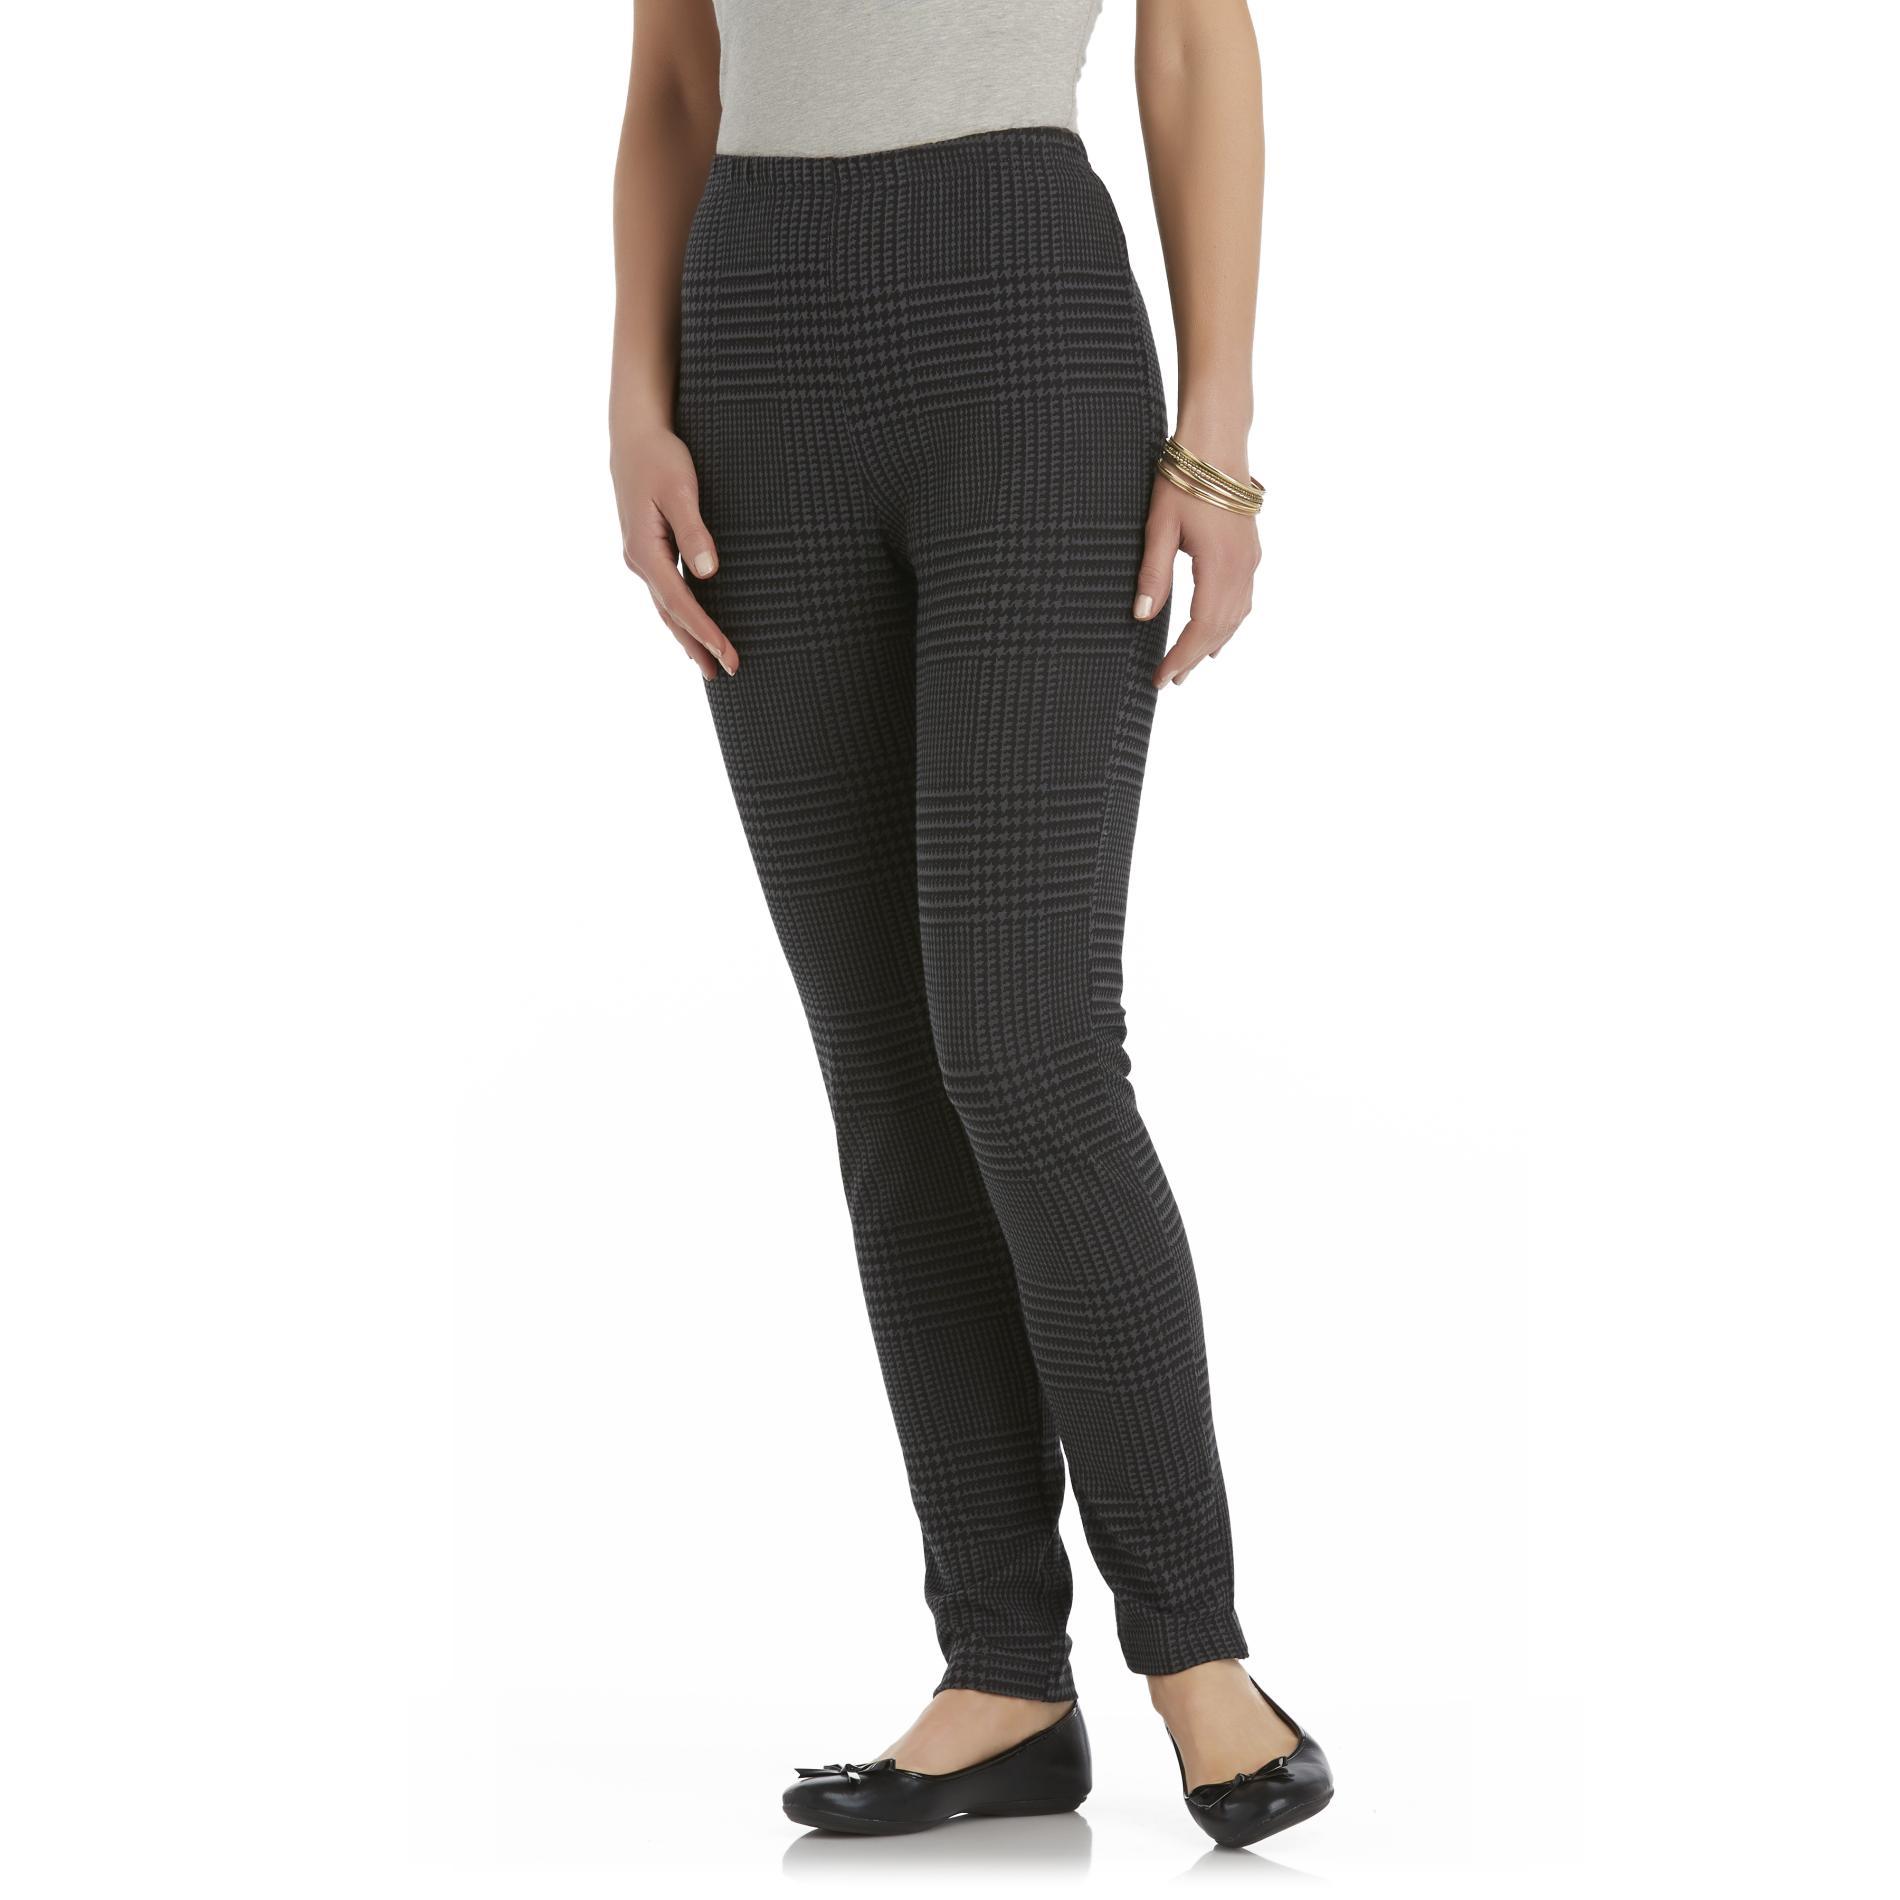 Basic Editions Leggings for Women